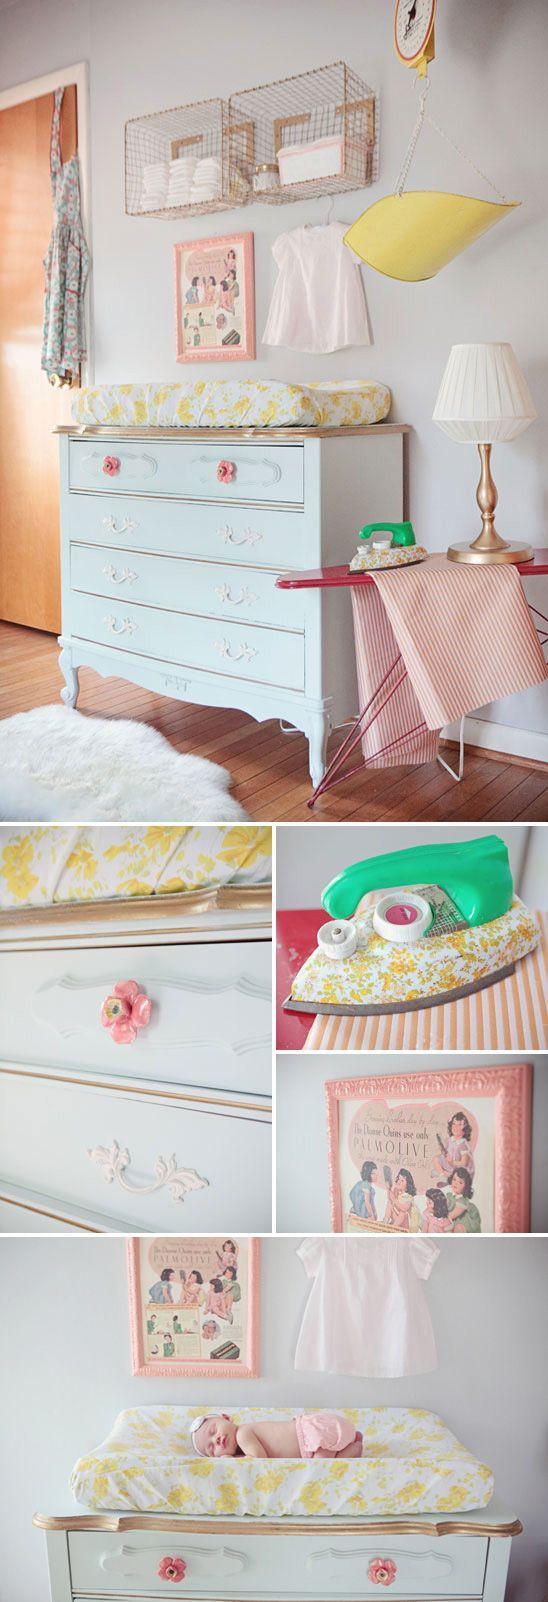 Bella mesa de cambio para el cuarto del bebé cuarto del bebé